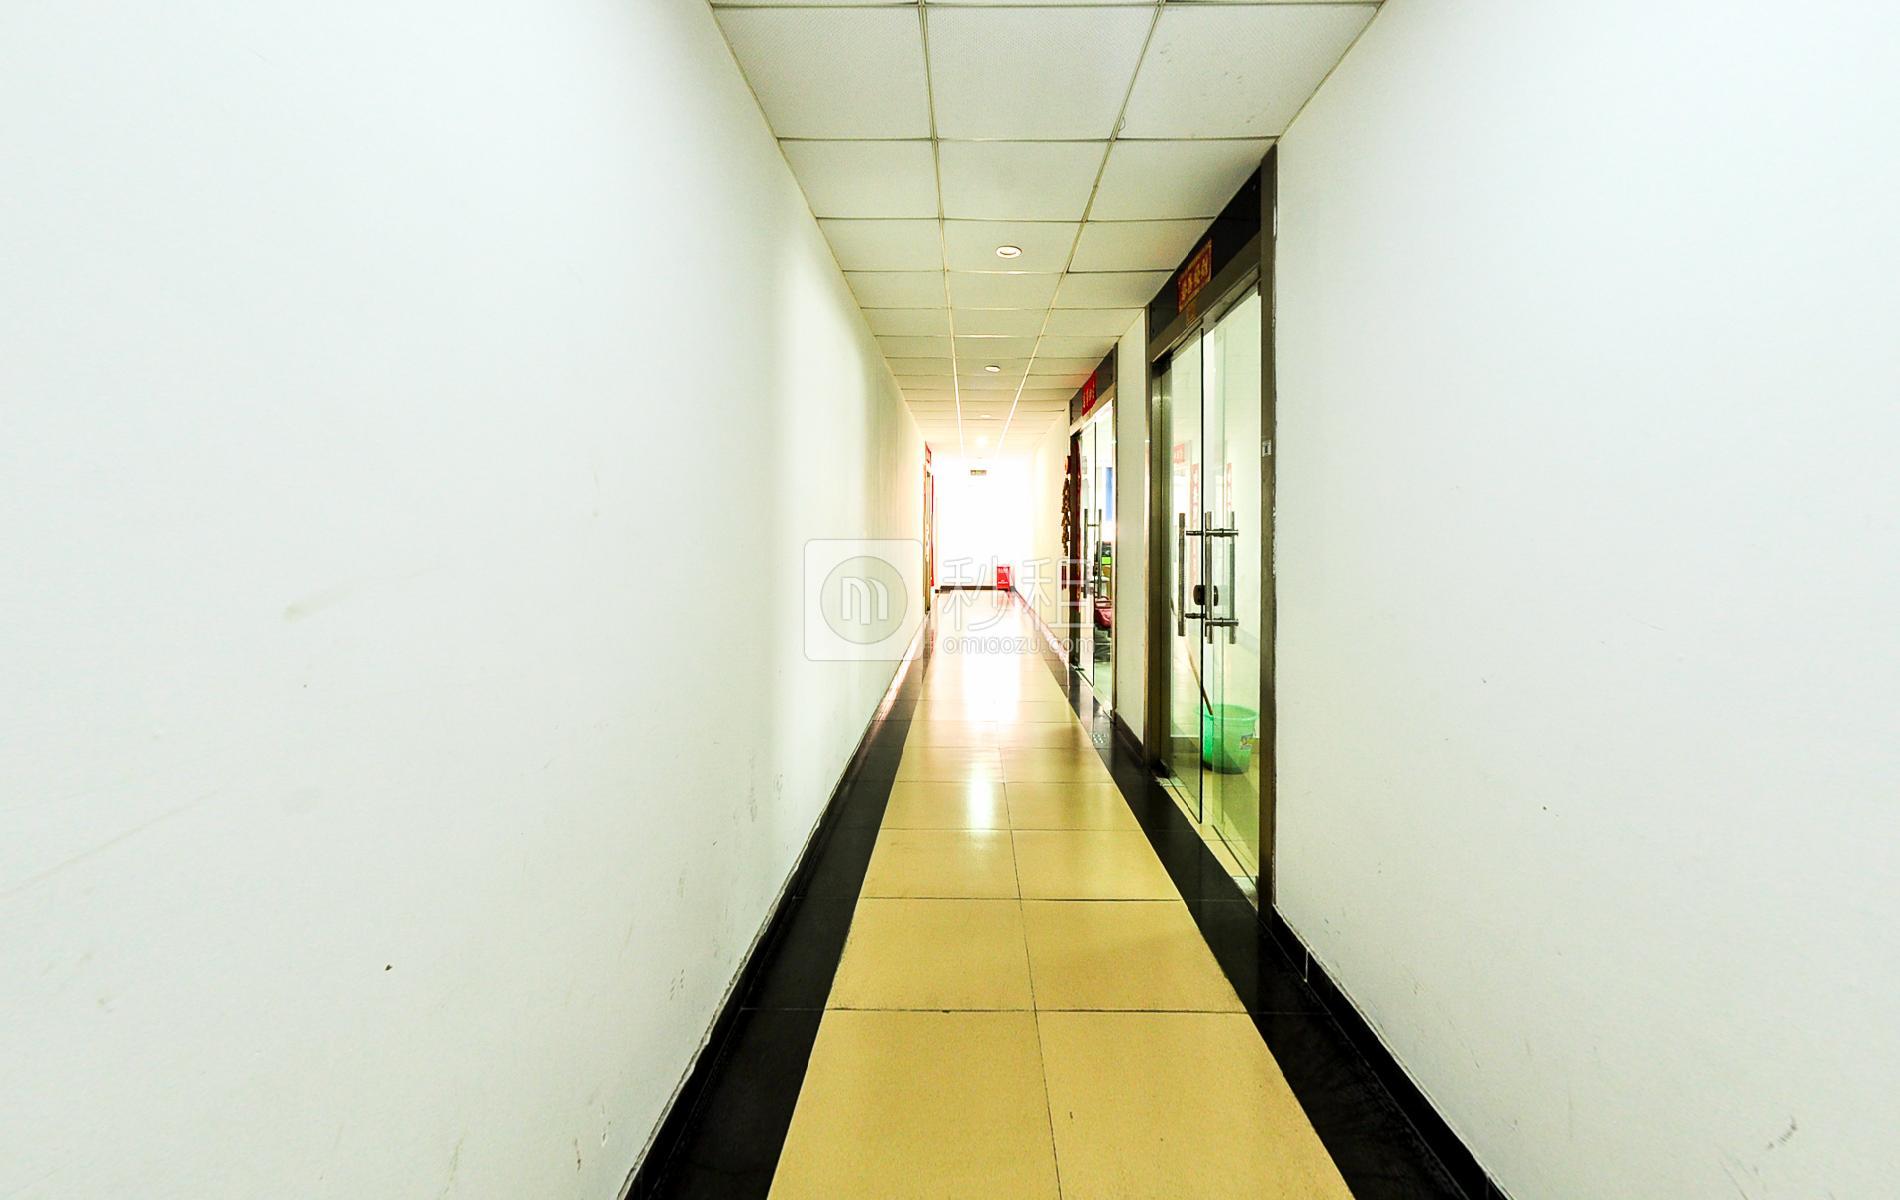 金海商务大厦写字楼出租/招租/租赁,金海商务大厦办公室出租/招租/租赁